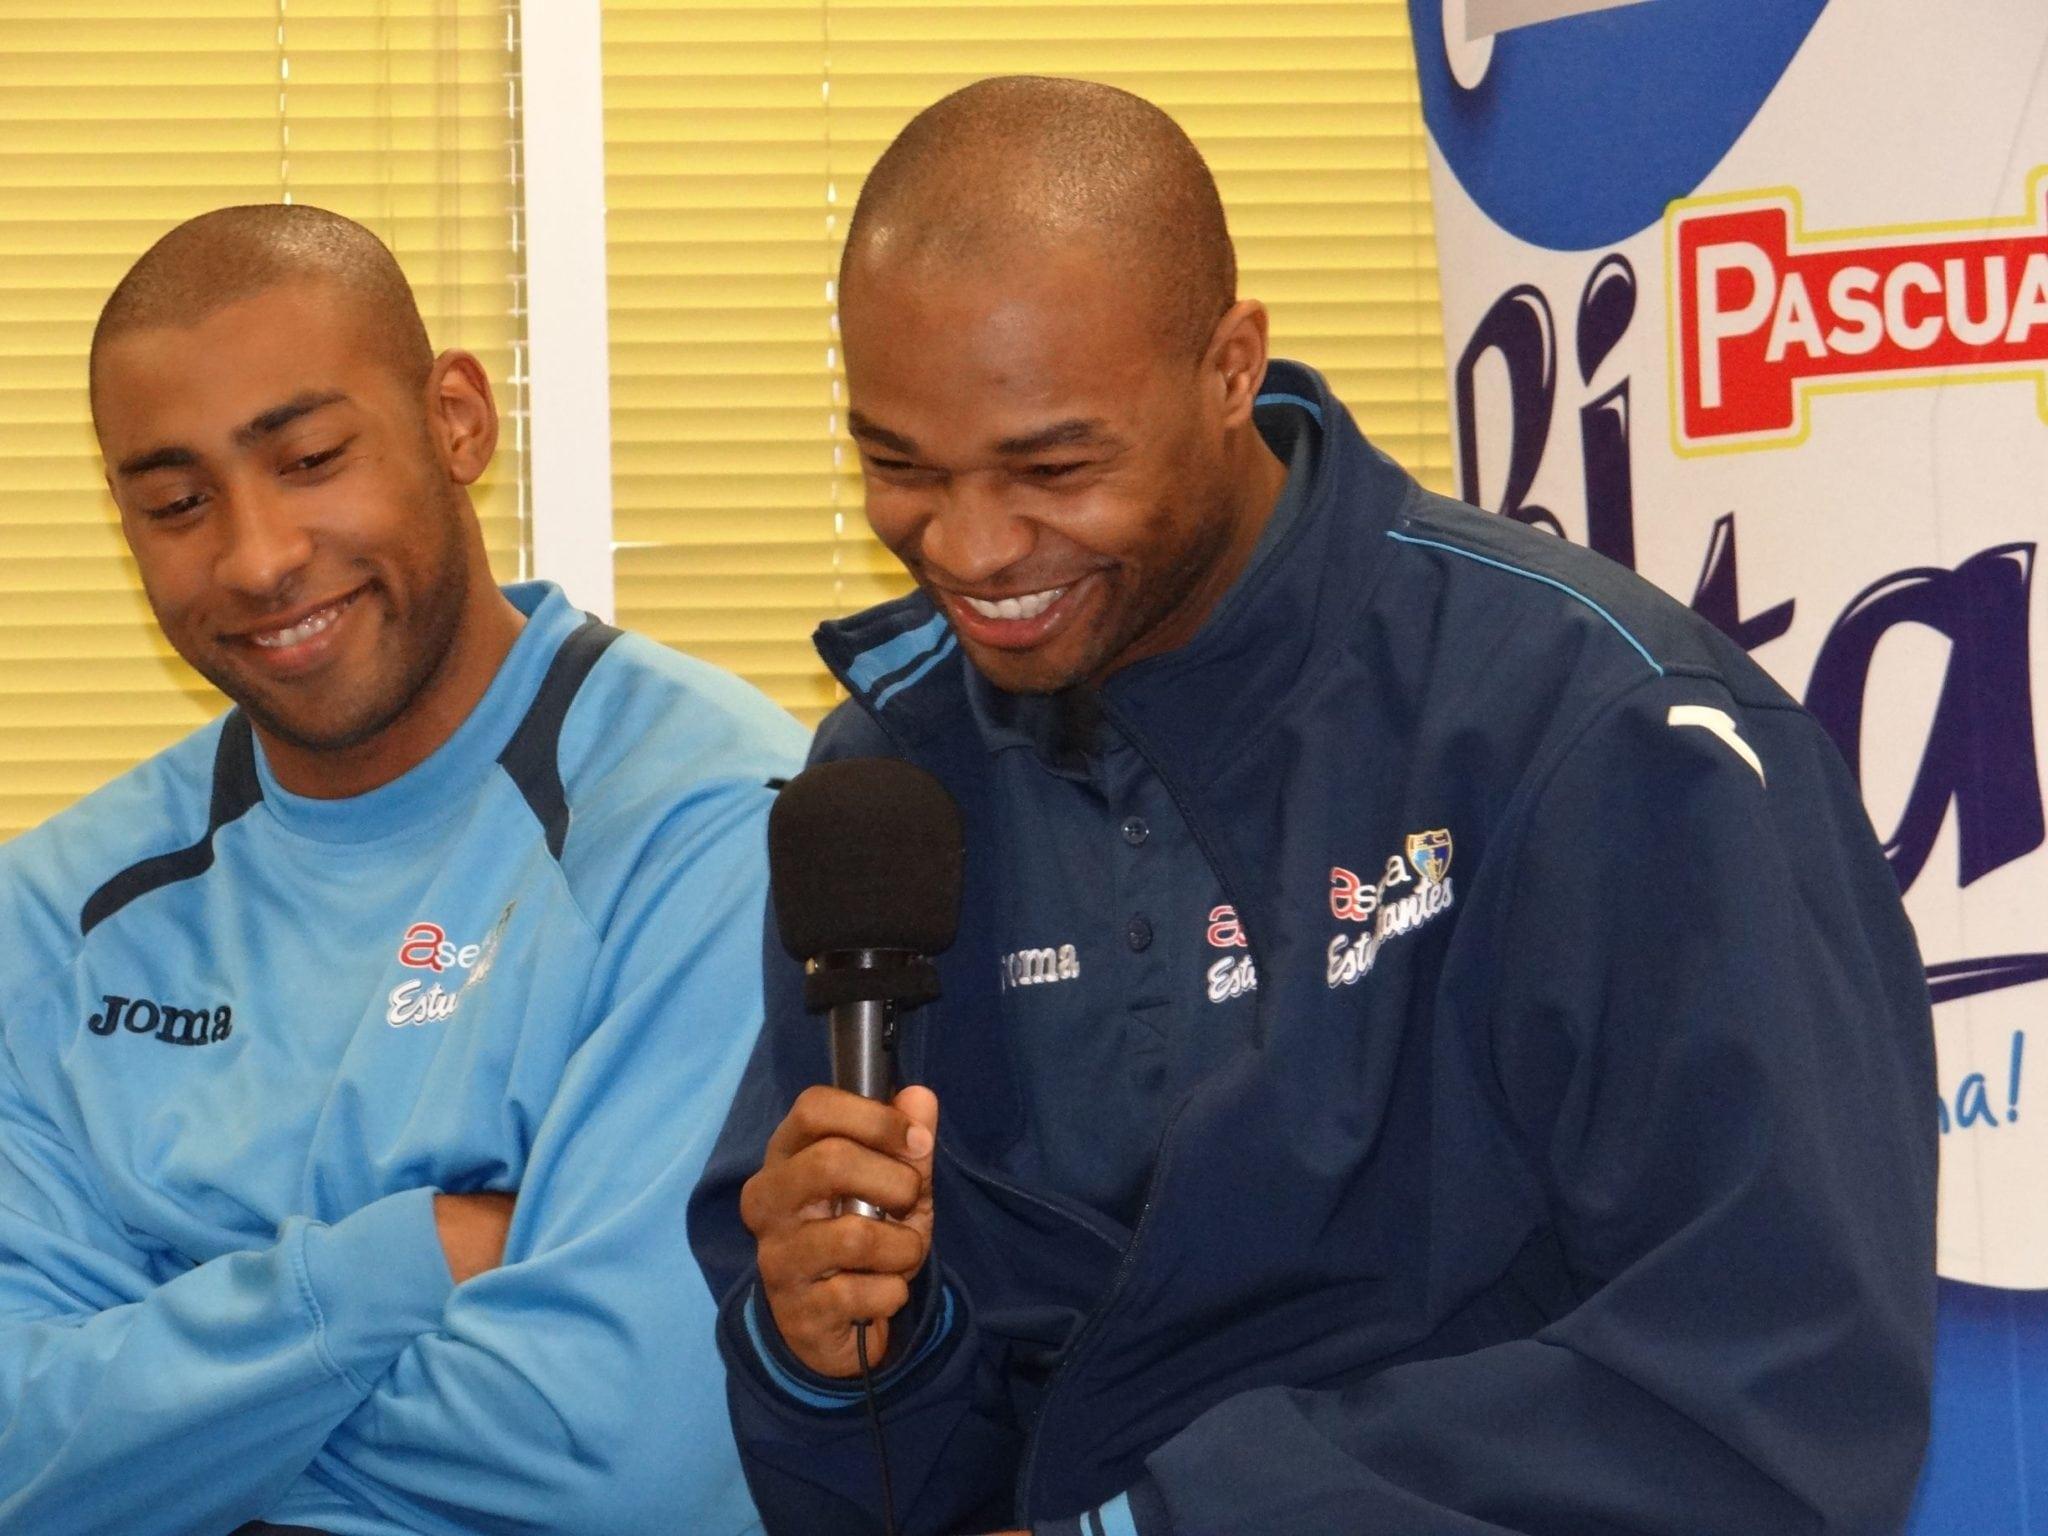 Jayson Granger y Tariq Kirskay visitaron a los empleados de Grupo Leche Pascual con Bifrutas, patrocinador de la liga Endesa